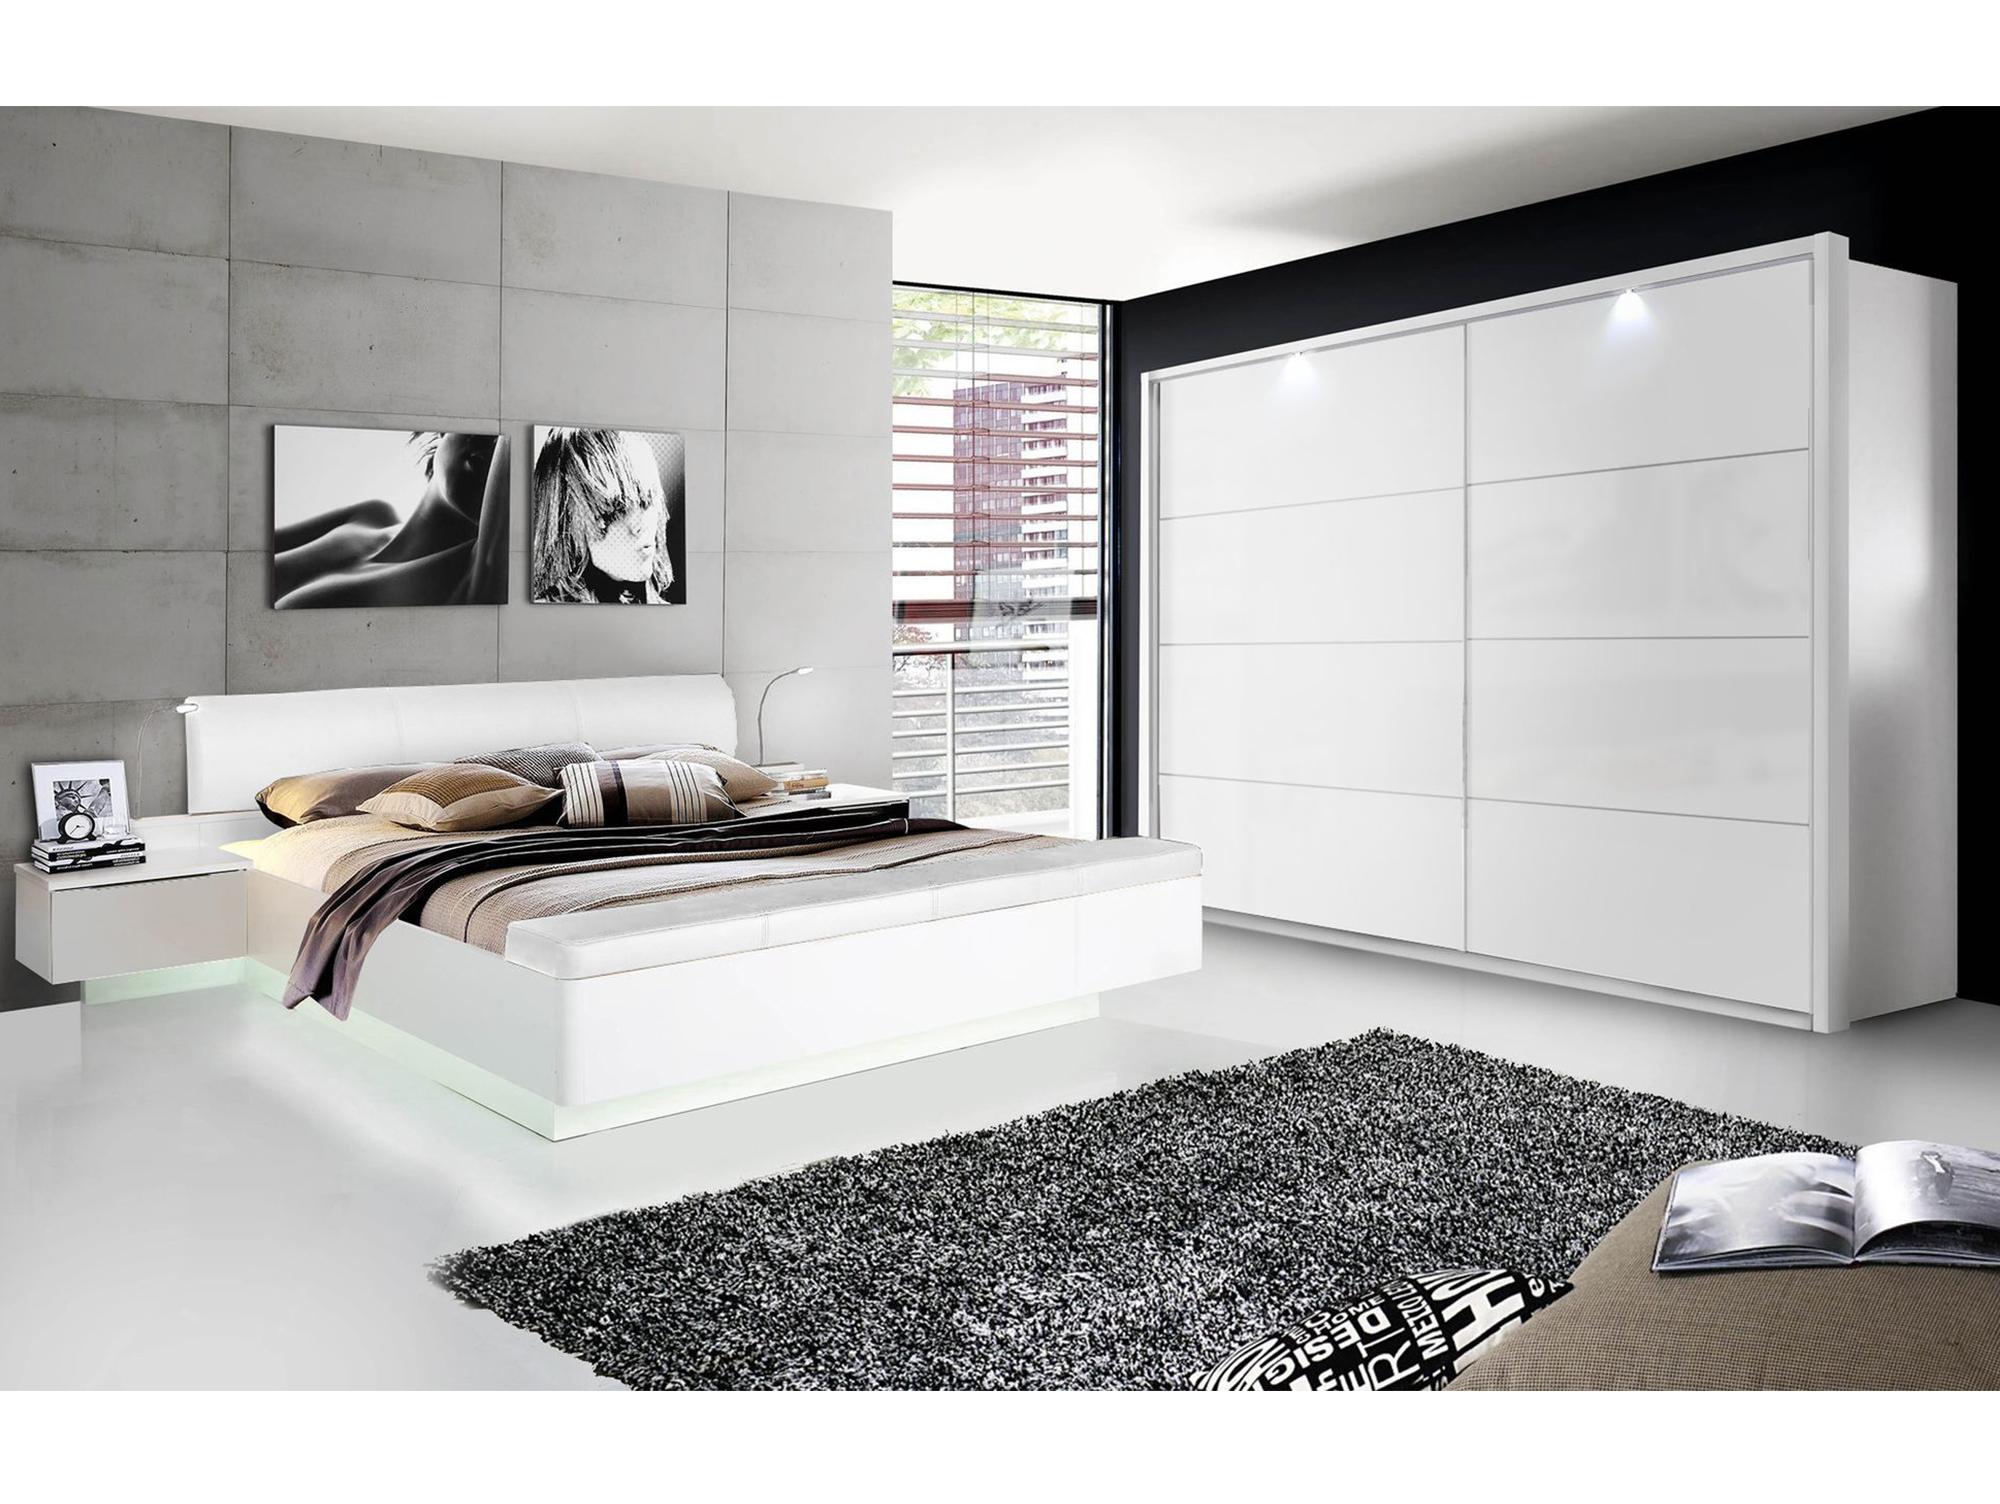 Full Size of Schlafzimmer Komplett Weiß Regal Holz Günstig Weißes Landhaus Metall Bad Hängeschrank Hochglanz Sessel Komplettangebote Bett 90x200 Schrank Teppich Schlafzimmer Schlafzimmer Komplett Weiß